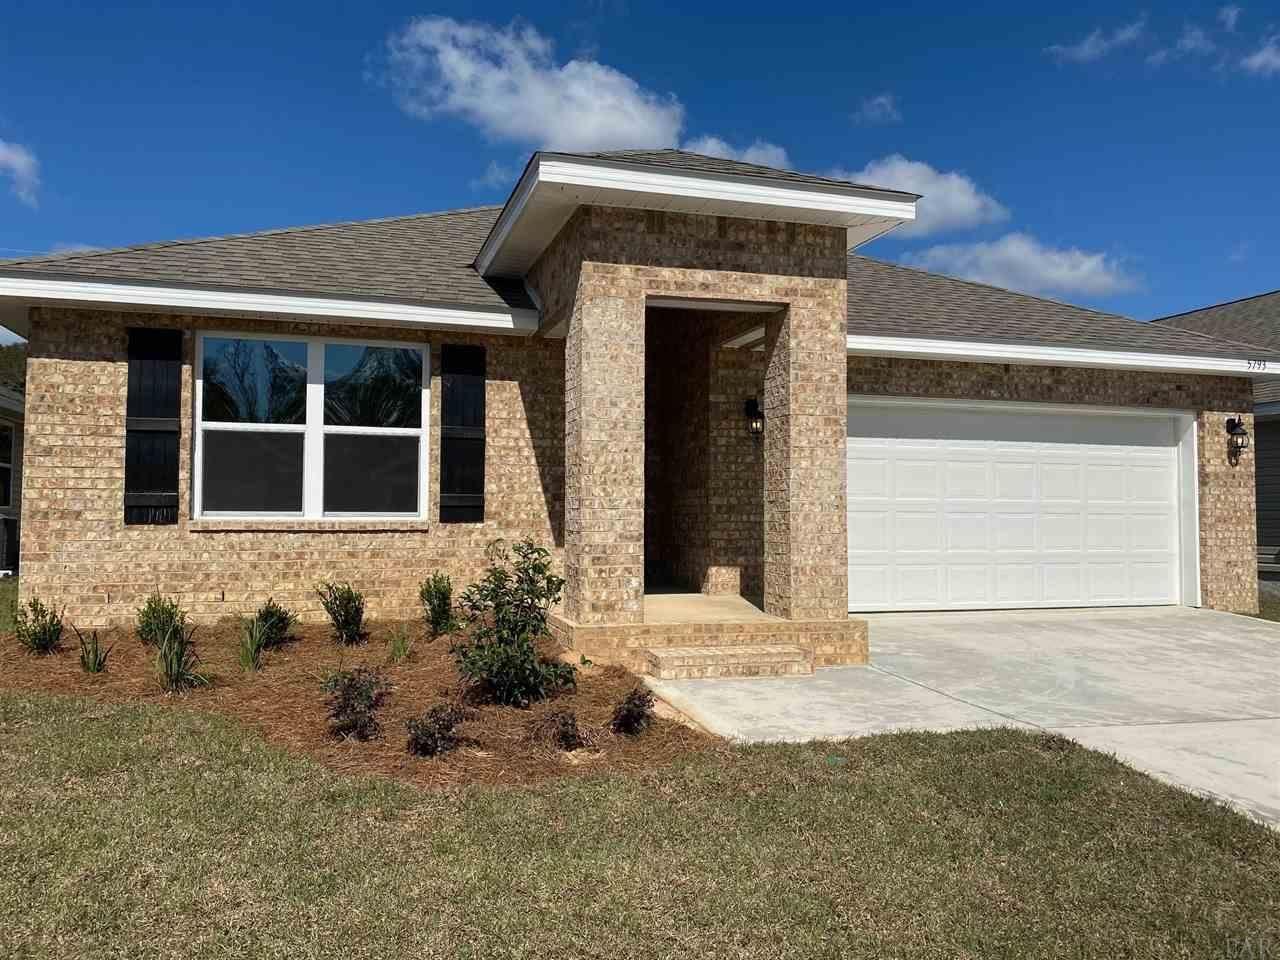 Photo for 5673 GUINEVERE LN, MILTON, FL 32583 (MLS # 578760)